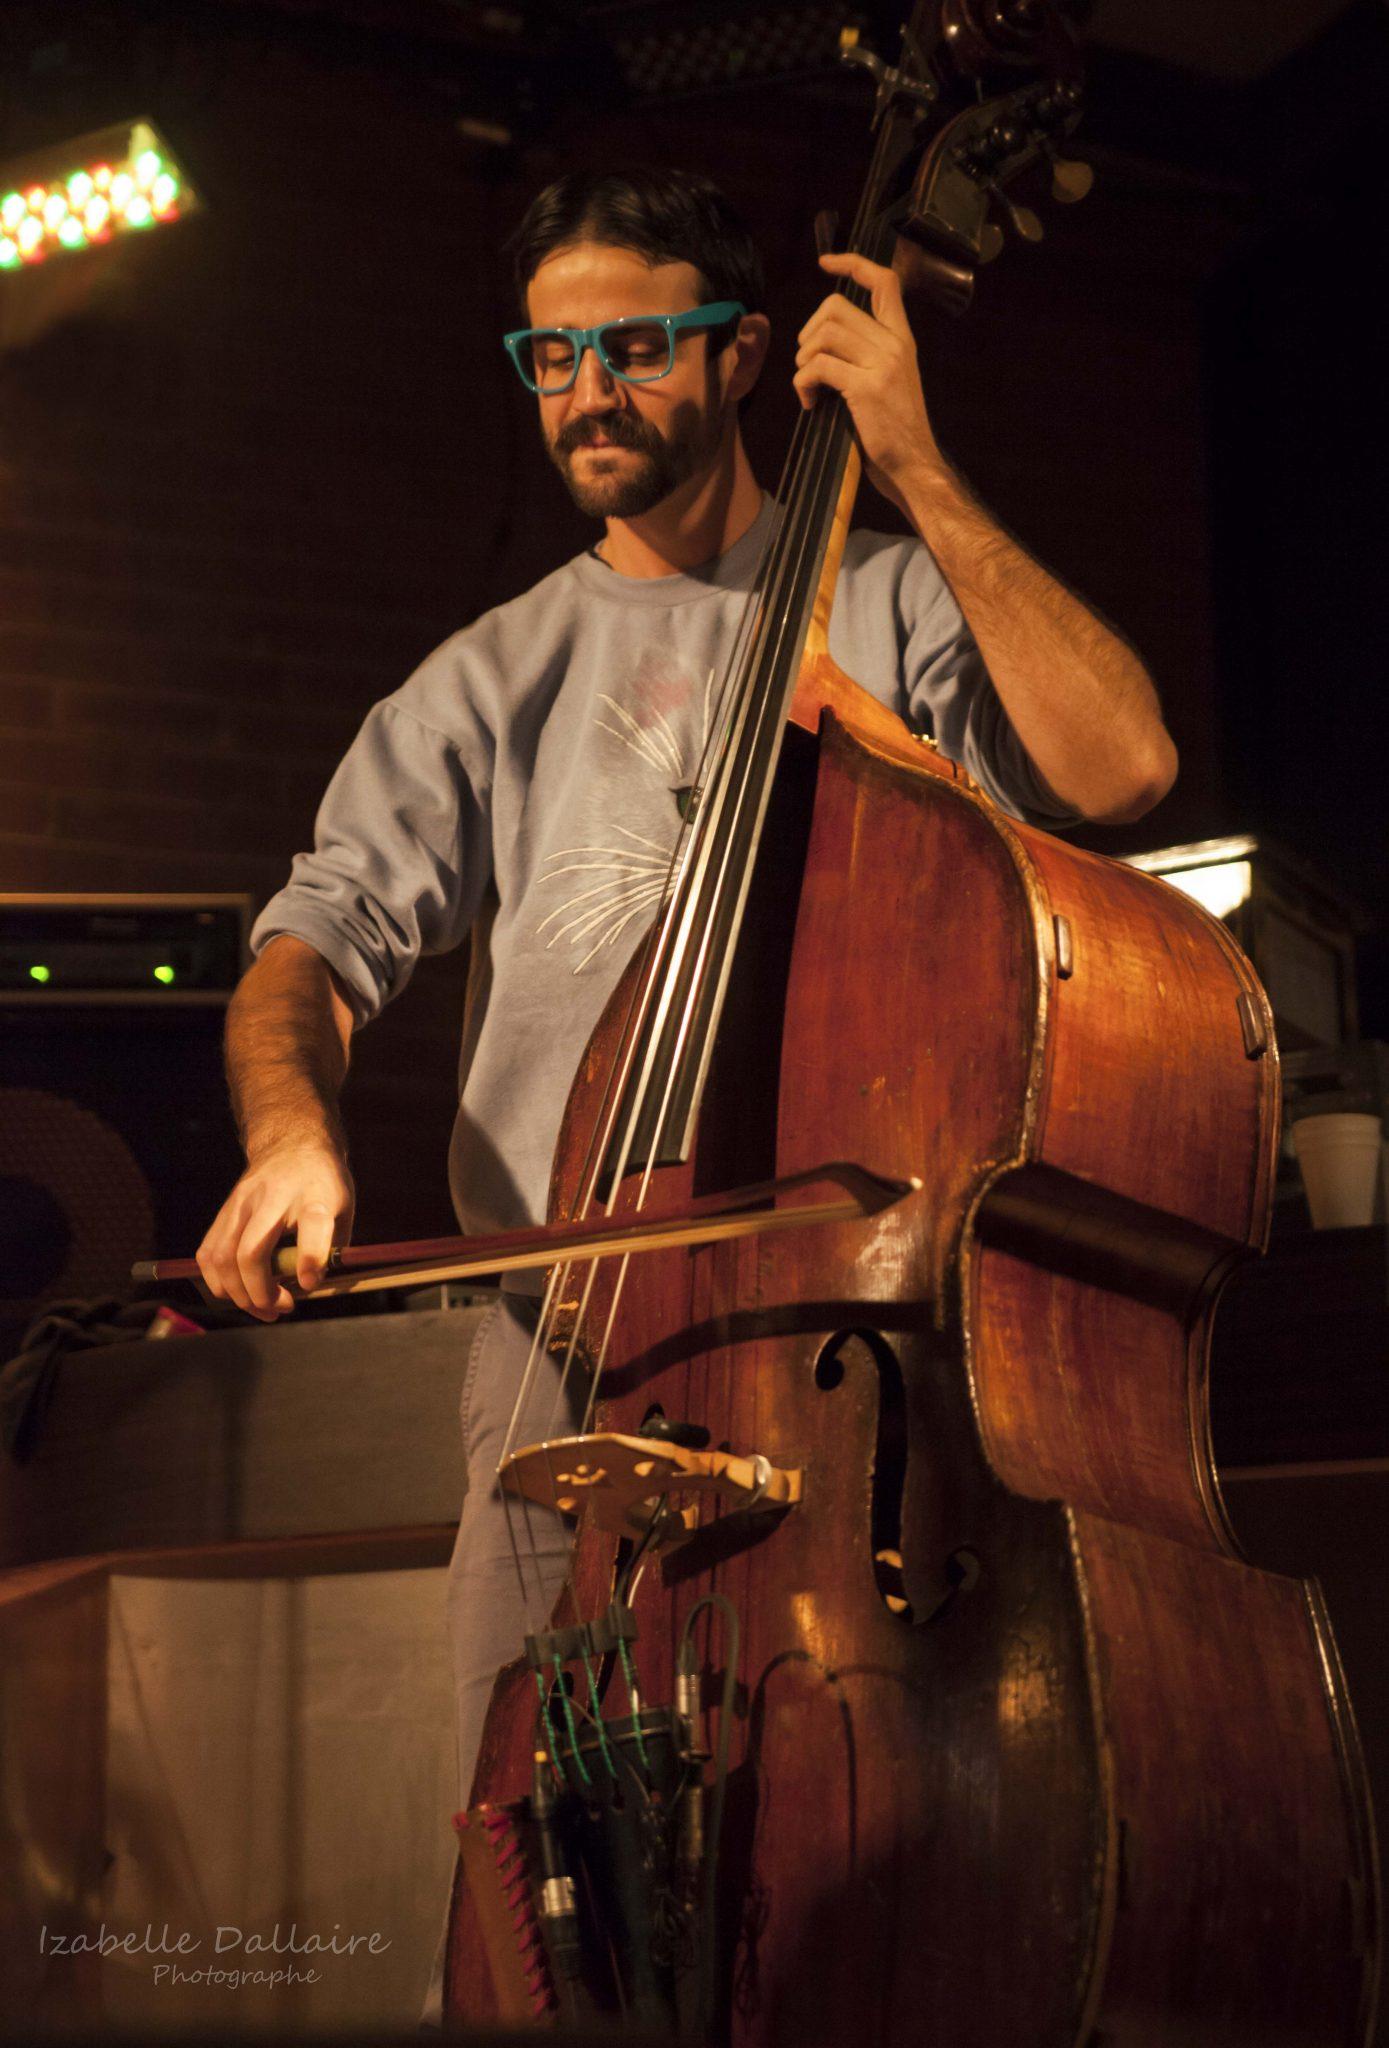 Accompagnée de ses musiciens, dont Philippe Leduc à la contrebasse, Klô Pelgag a lancé l'année 2015-2016 des Soirées cachées CFOU. Photo: Izabelle Dallaire